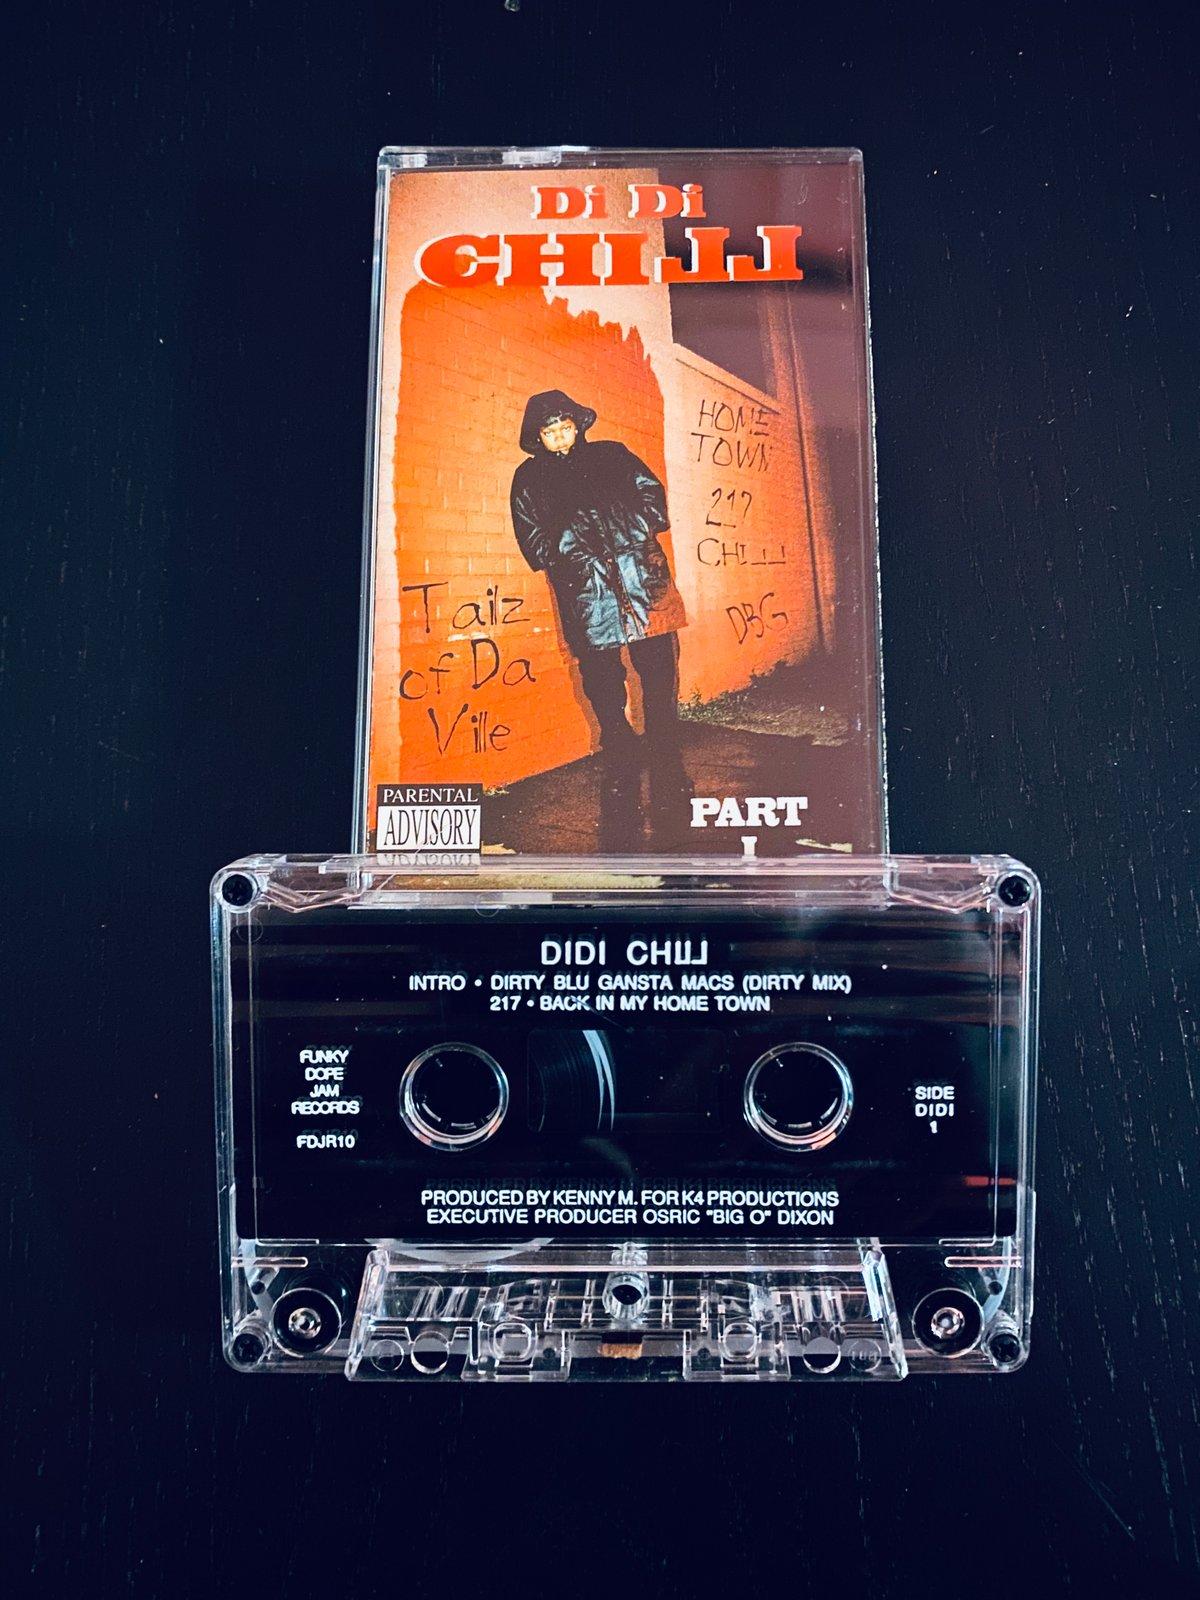 """Image of DI DI Chill """"Tailz Of Da Ville"""""""